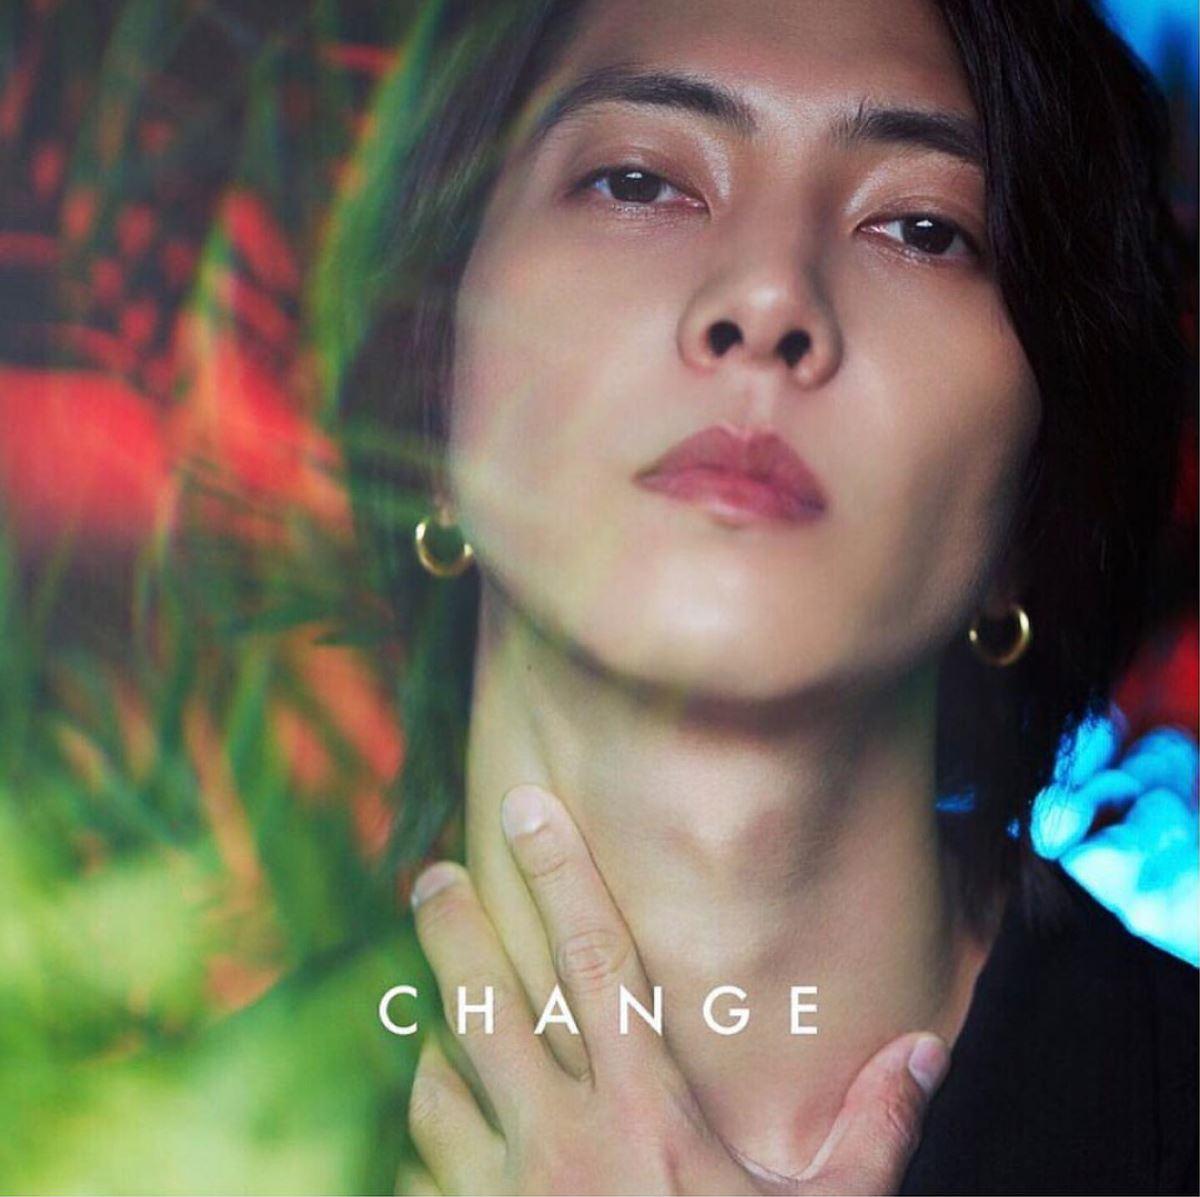 『山下智久 - CHANGE 歌詞』収録の『CHANGE』ジャケット